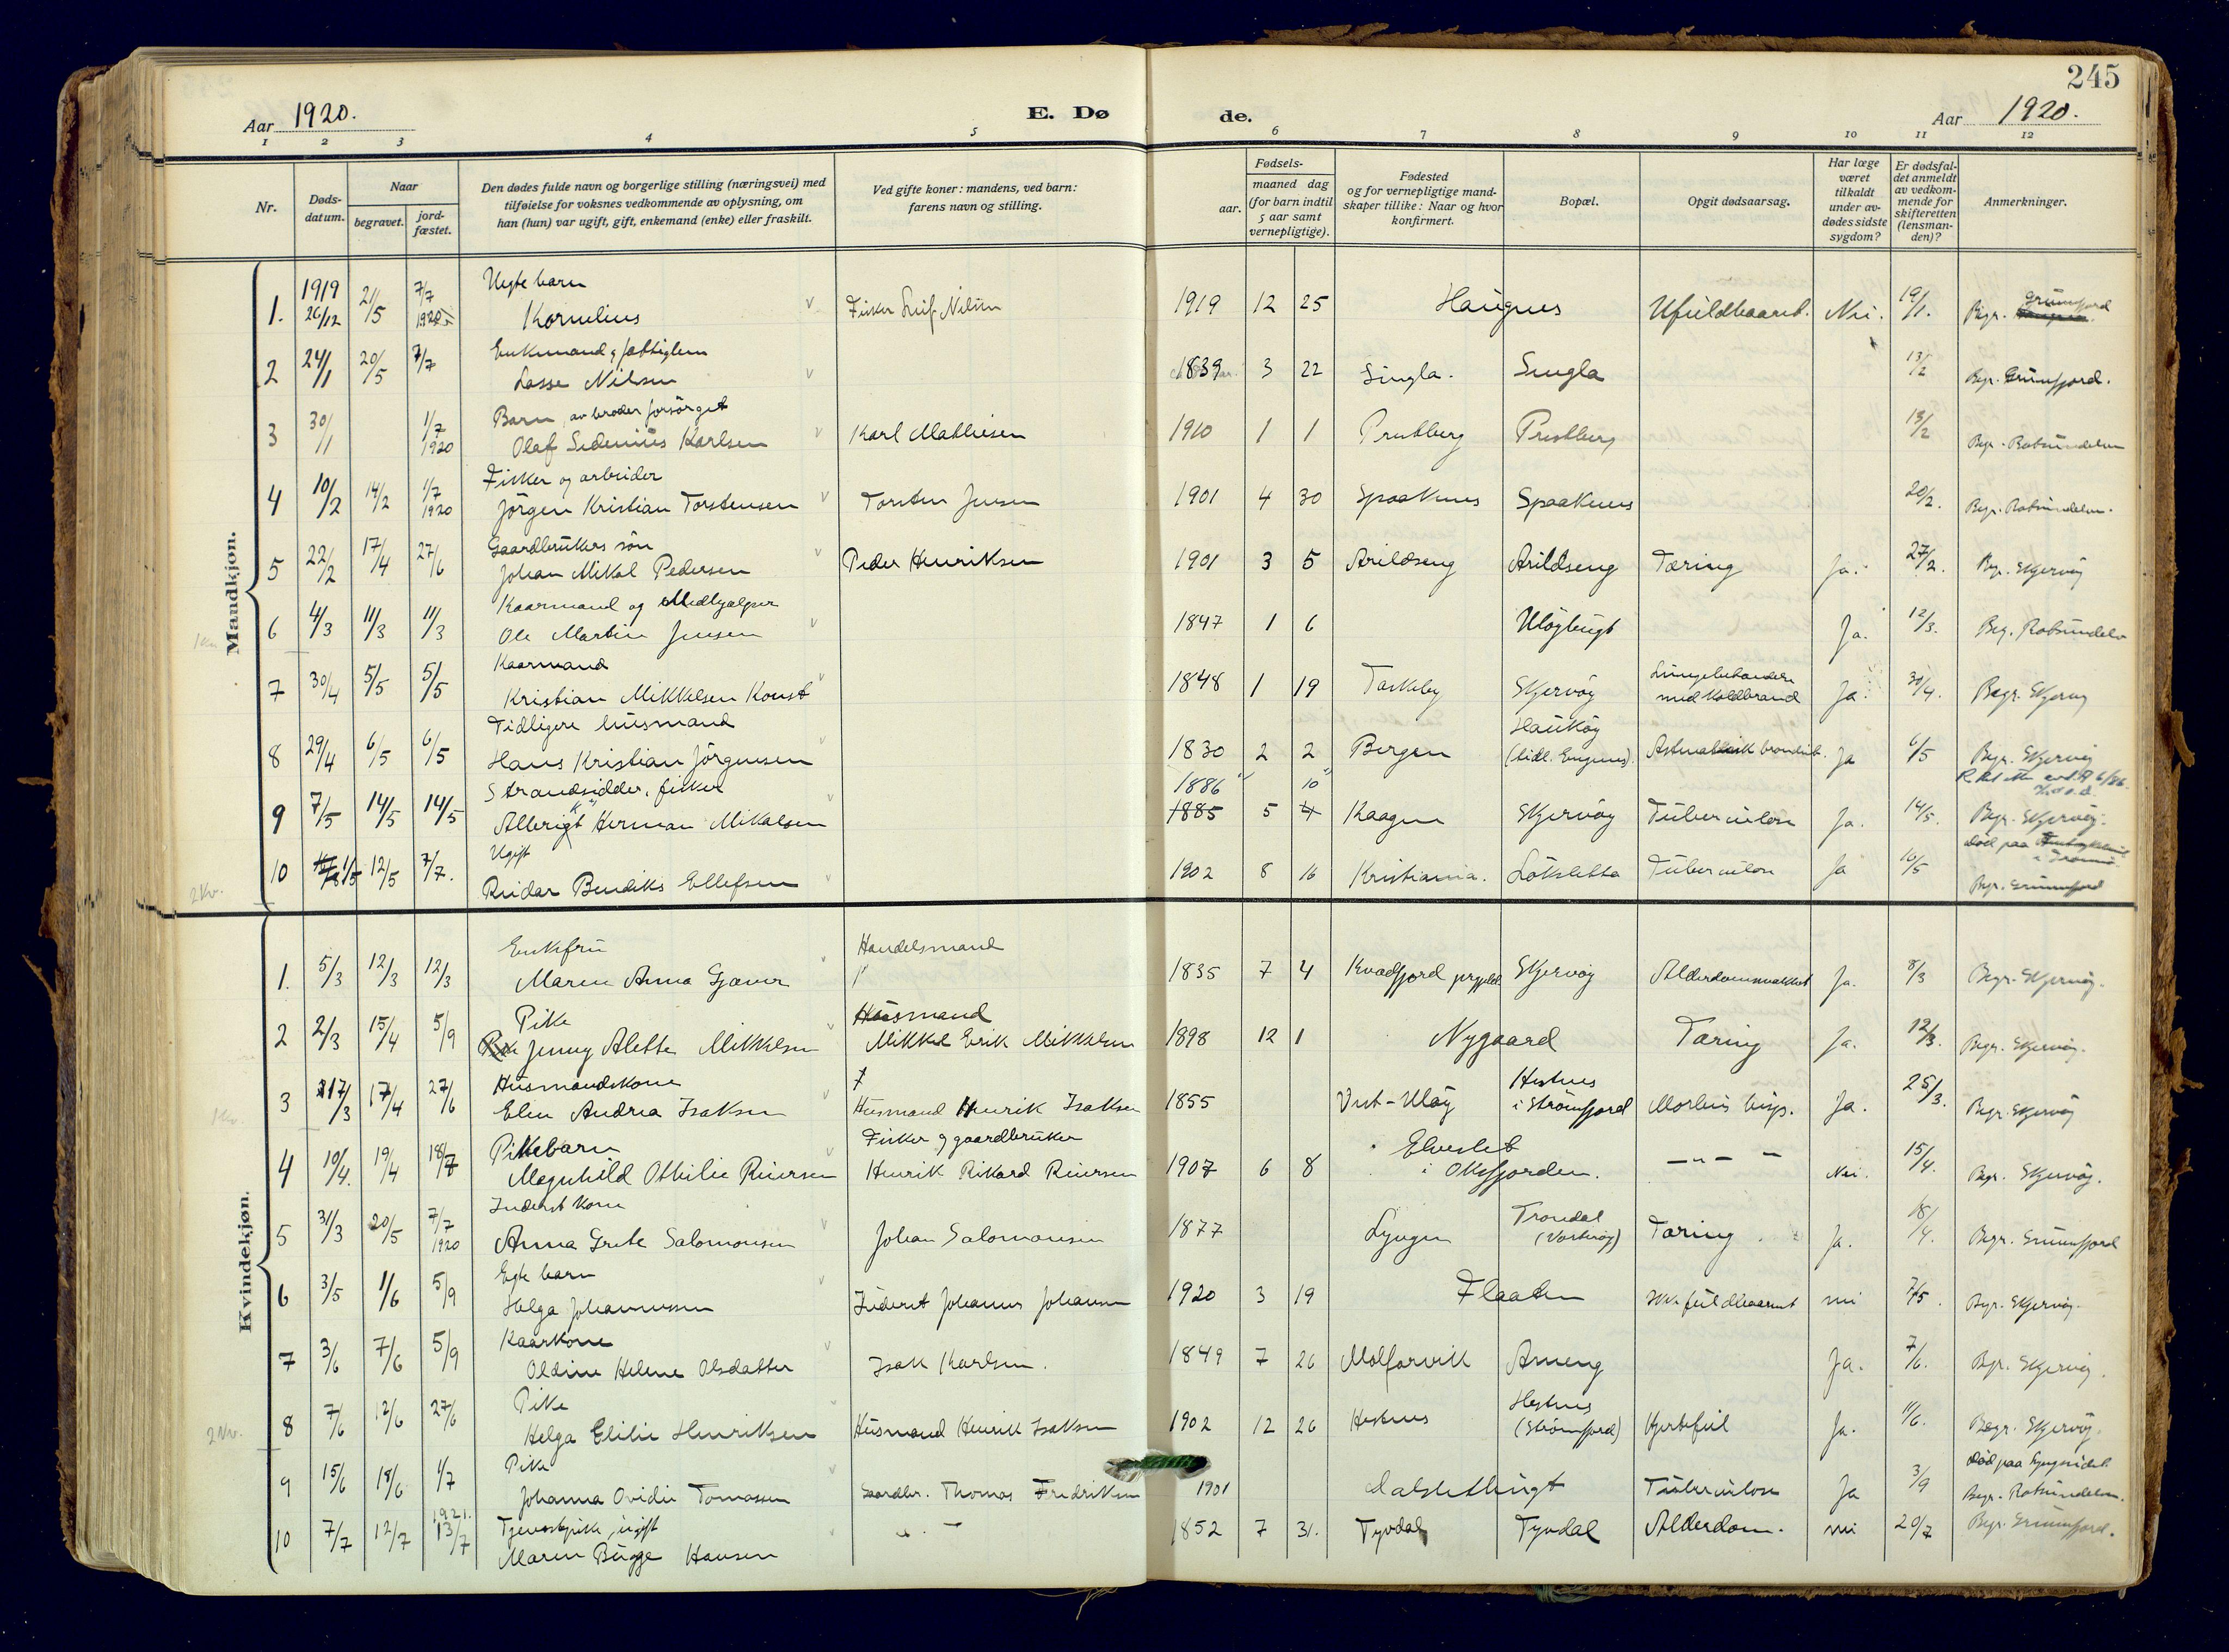 SATØ, Skjervøy sokneprestkontor, H/Ha/Haa: Ministerialbok nr. 18, 1910-1926, s. 245